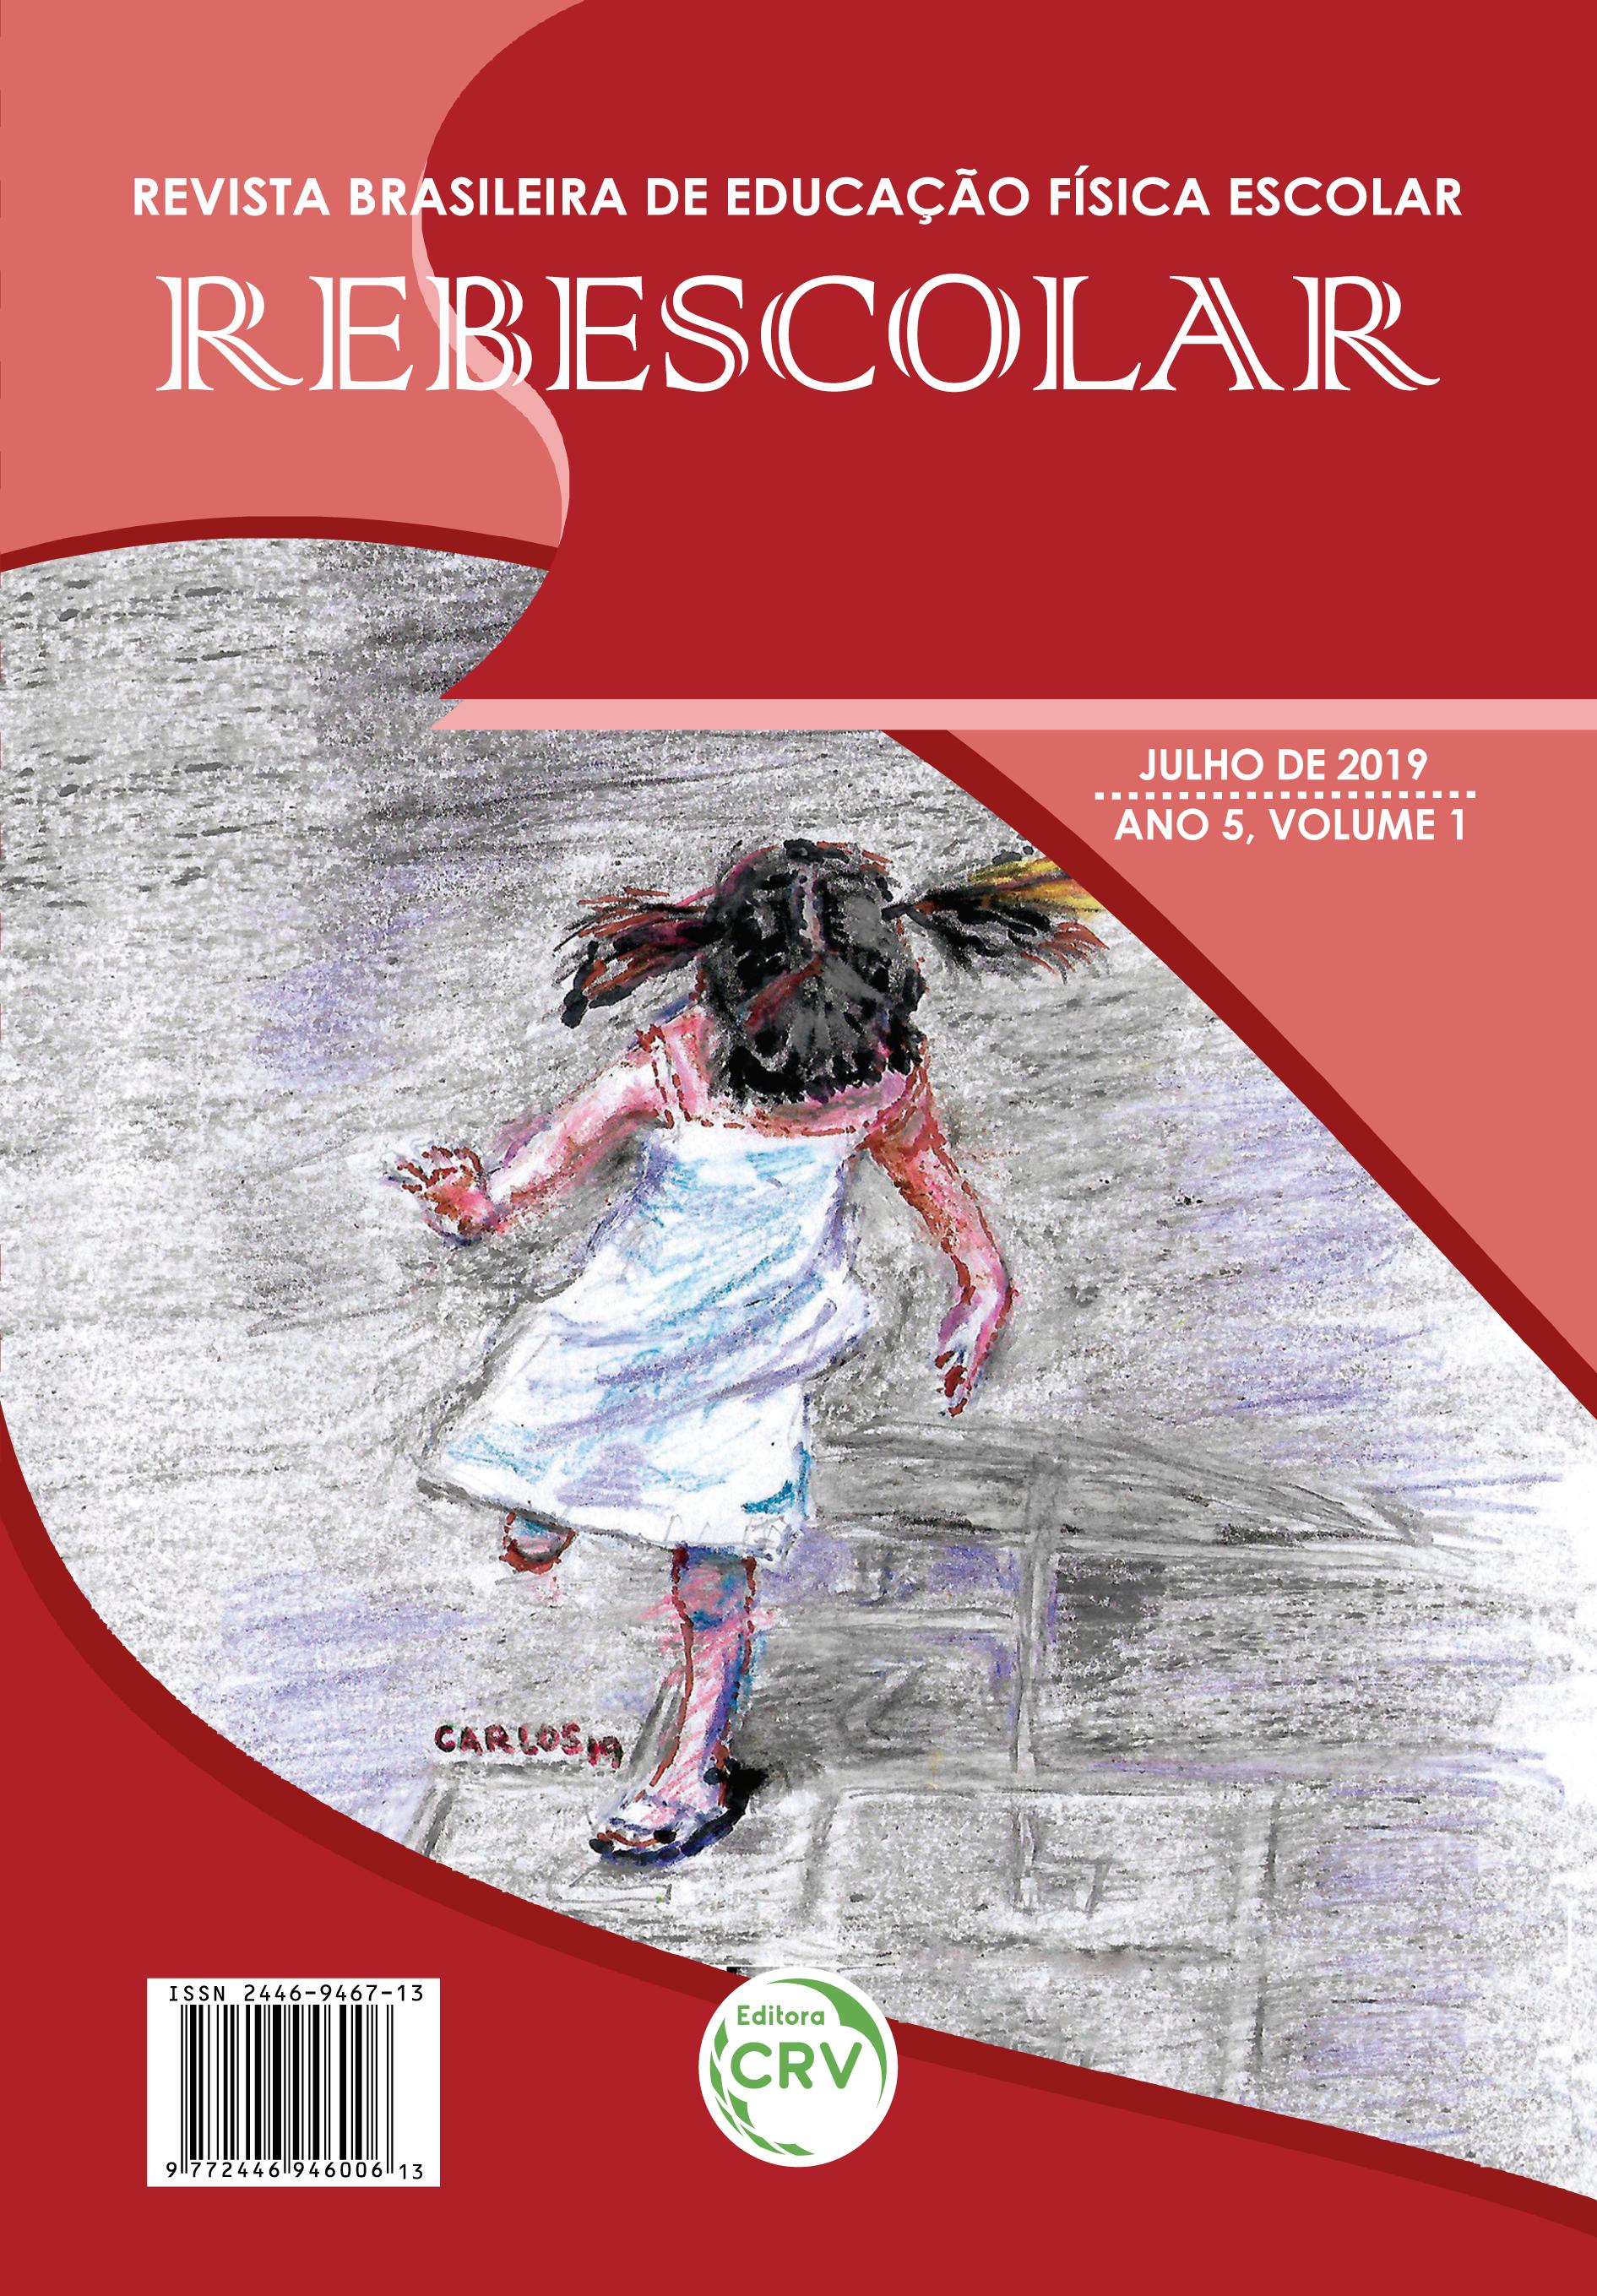 Capa do livro: ANO V – VOLUME I – JULHO 2019 <BR> REVISTA BRASILEIRA DE EDUCAÇÃO FÍSICA ESCOLAR - REBESCOLAR